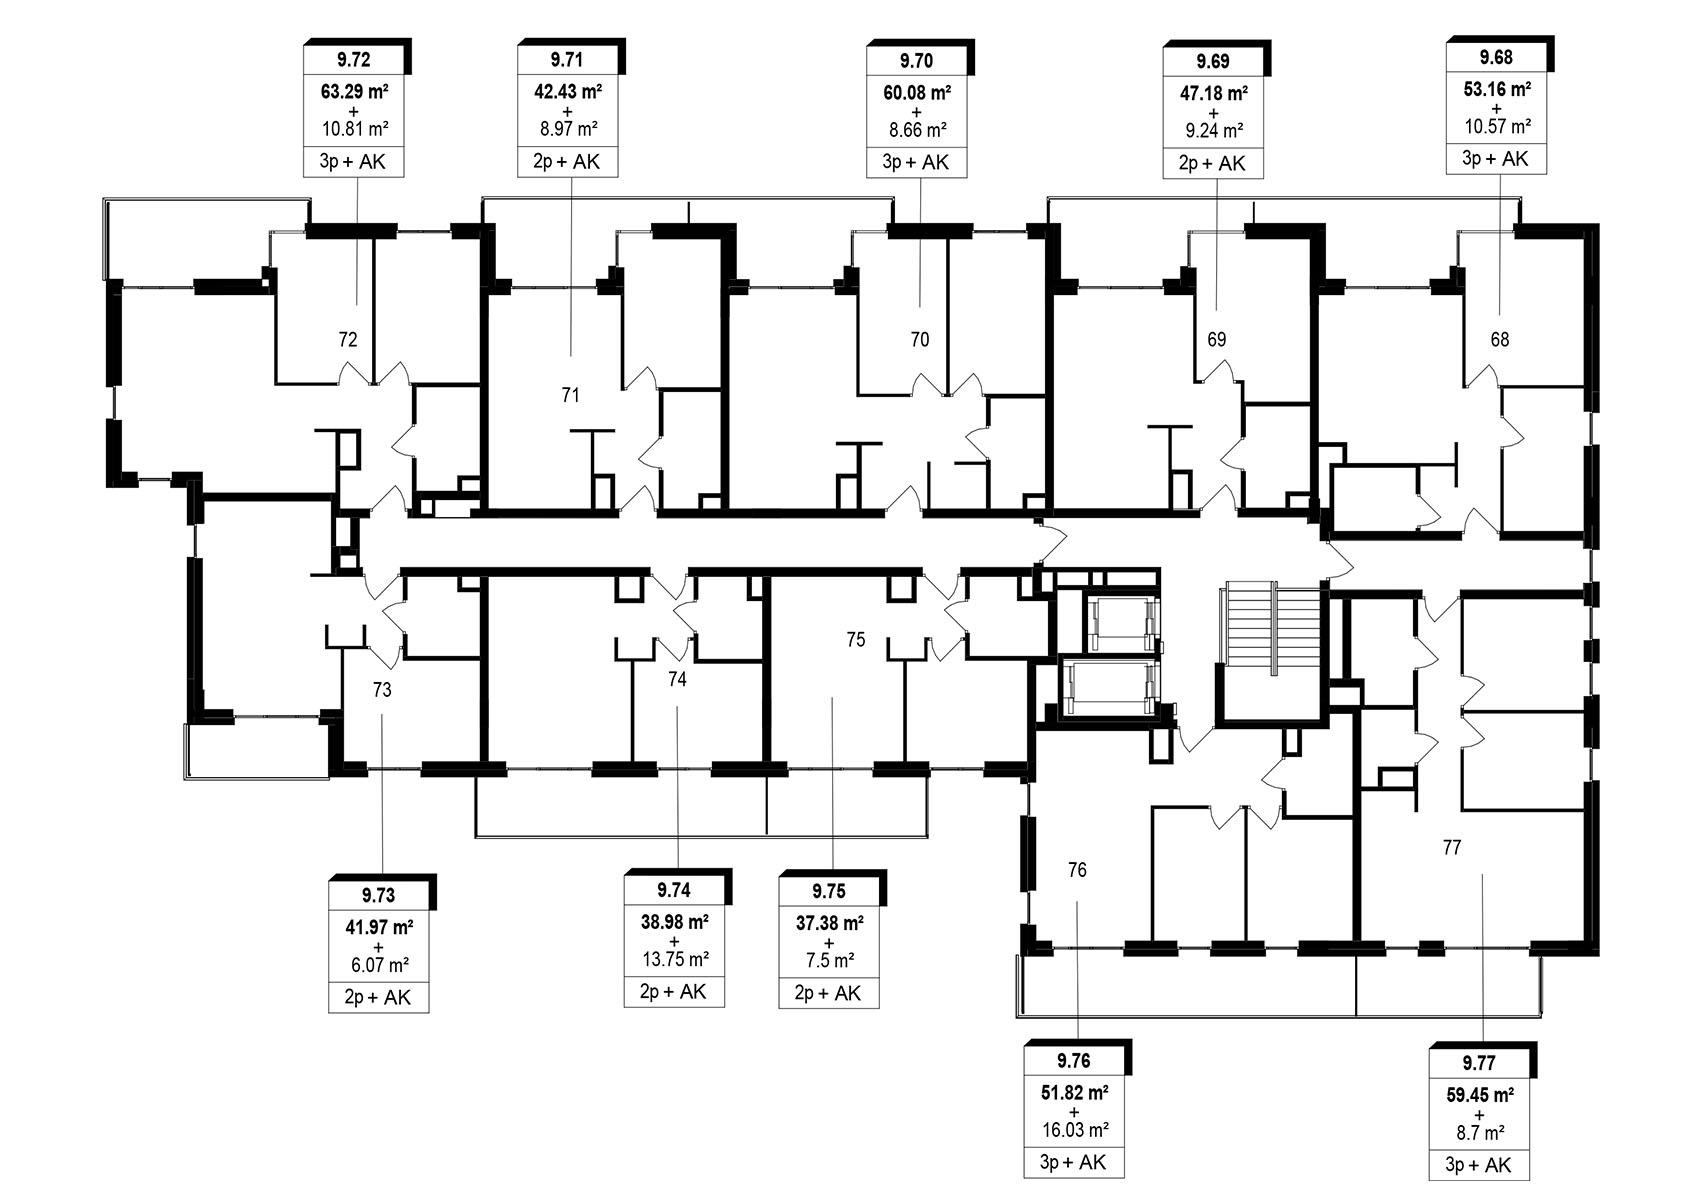 Piętro 8